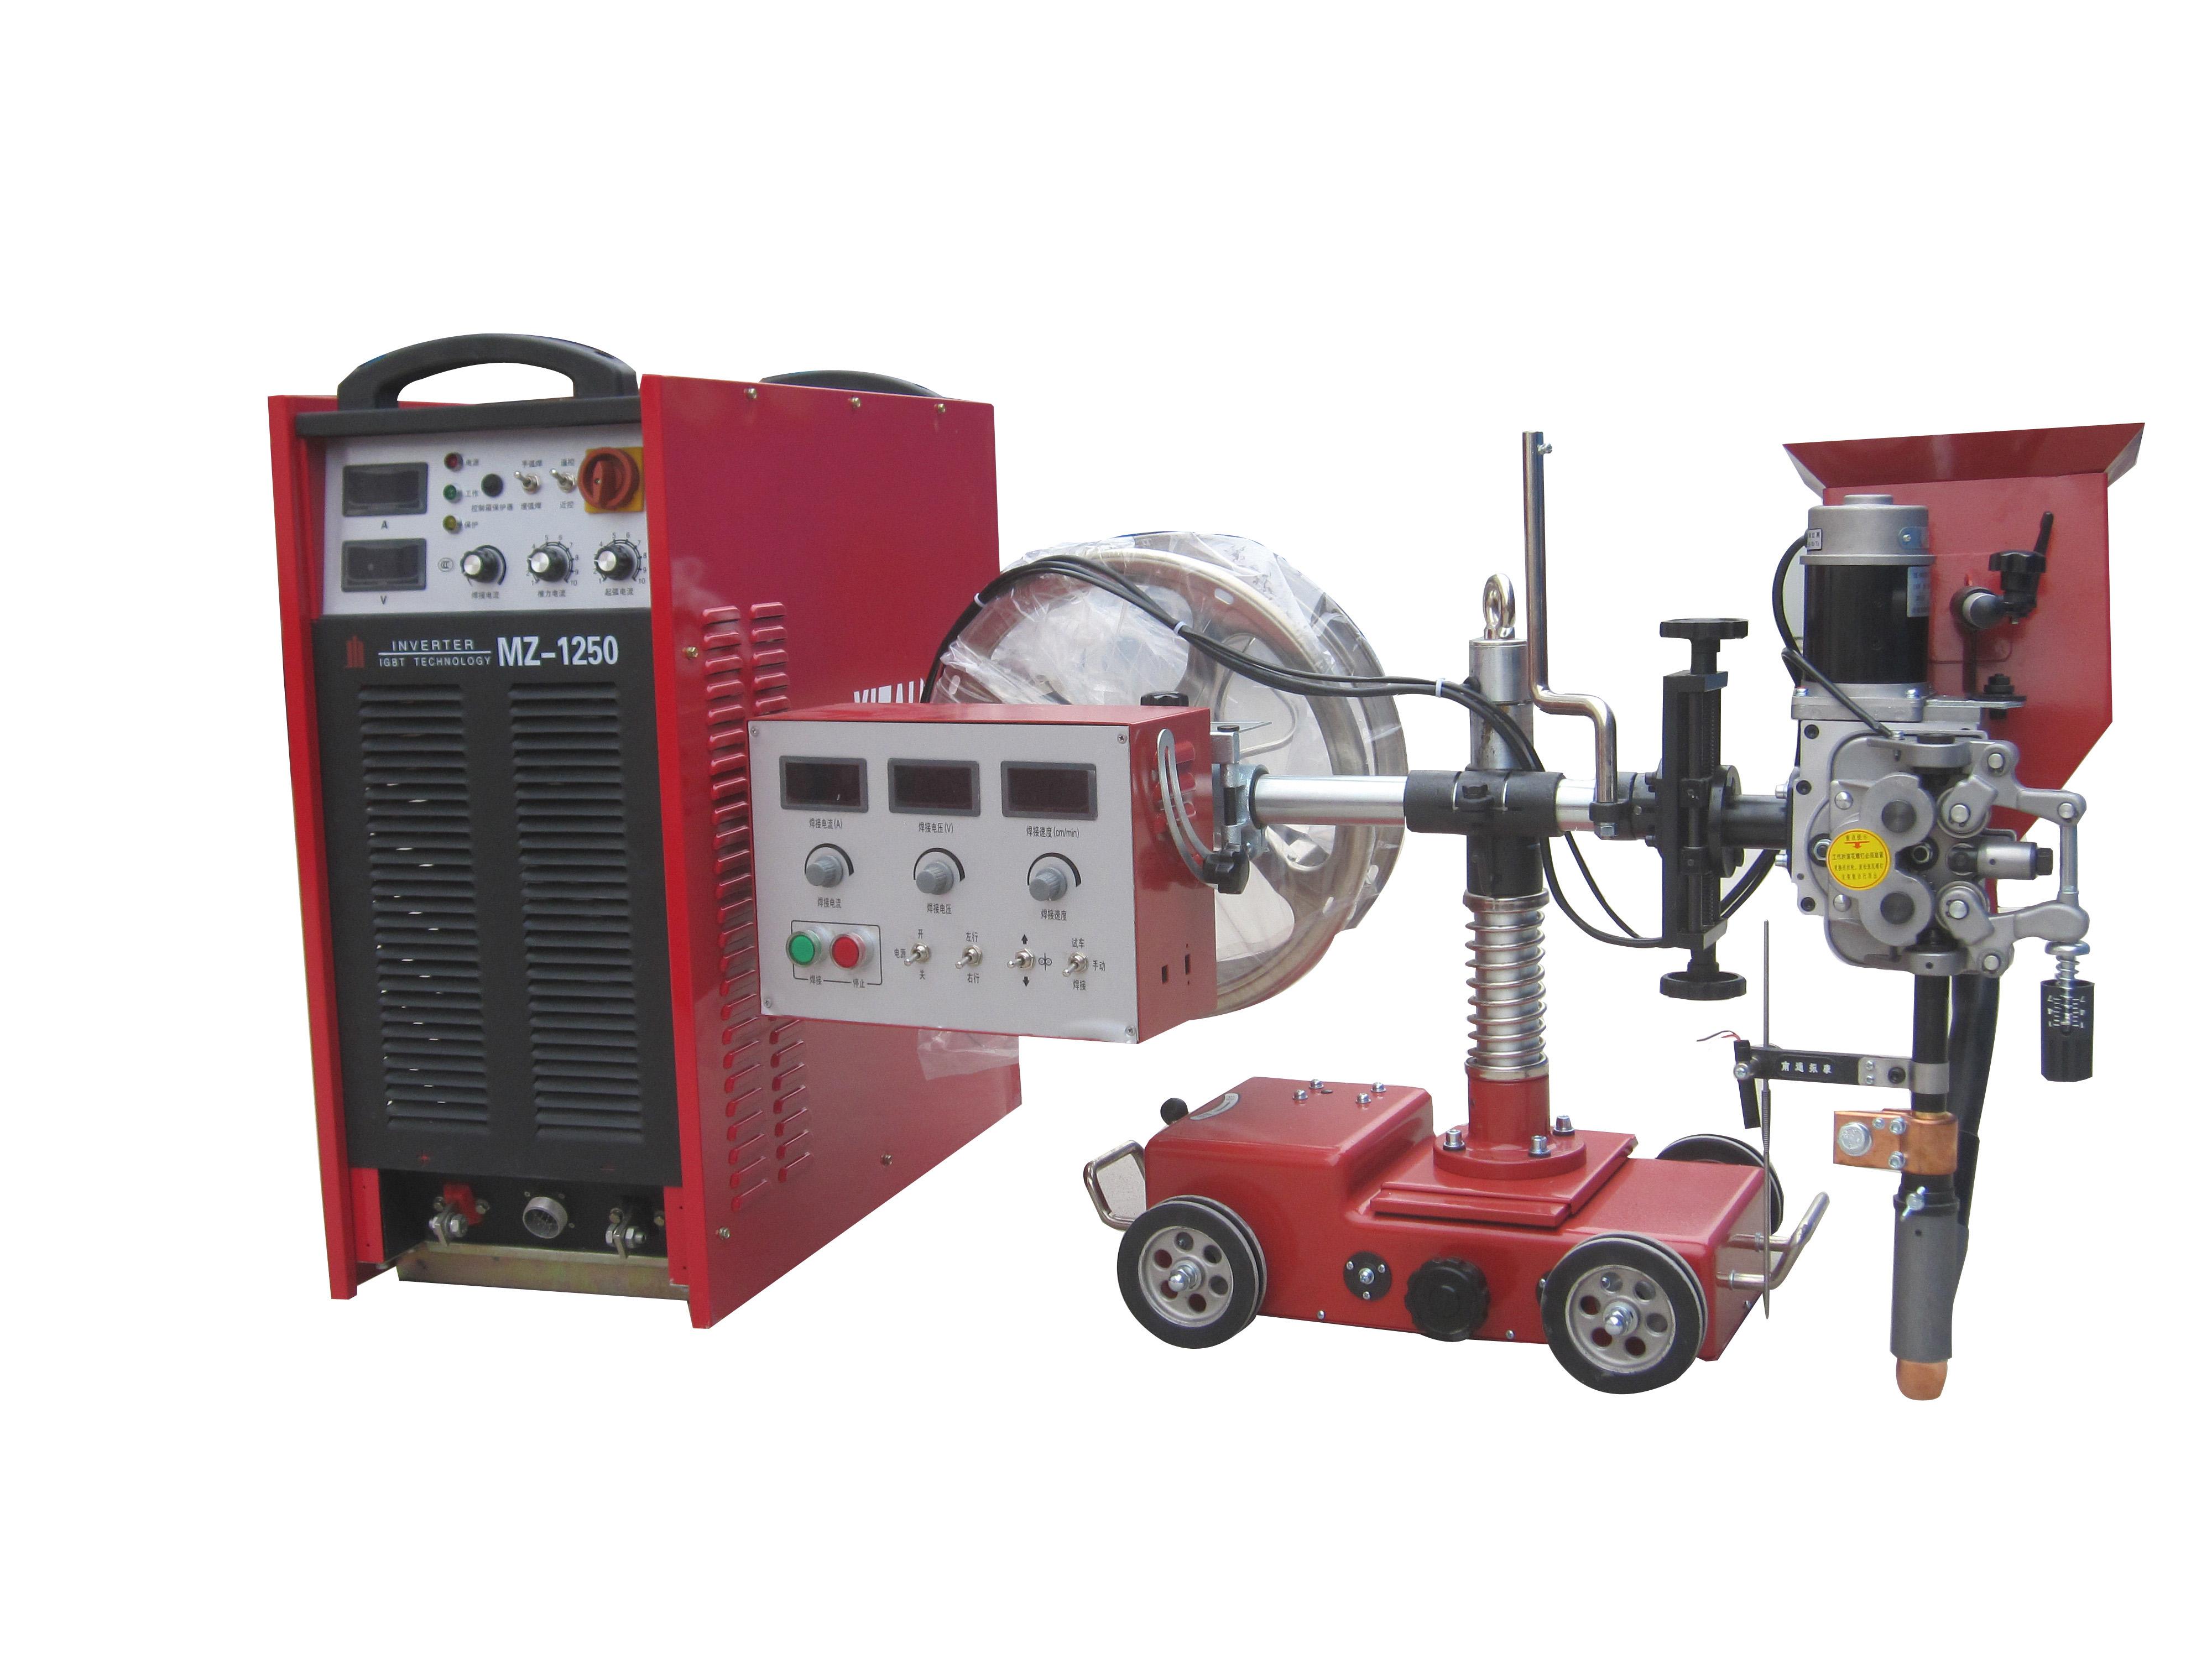 请问交流电焊机和直流电焊机的电源接线怎么接 相关的参考资料 交流图片